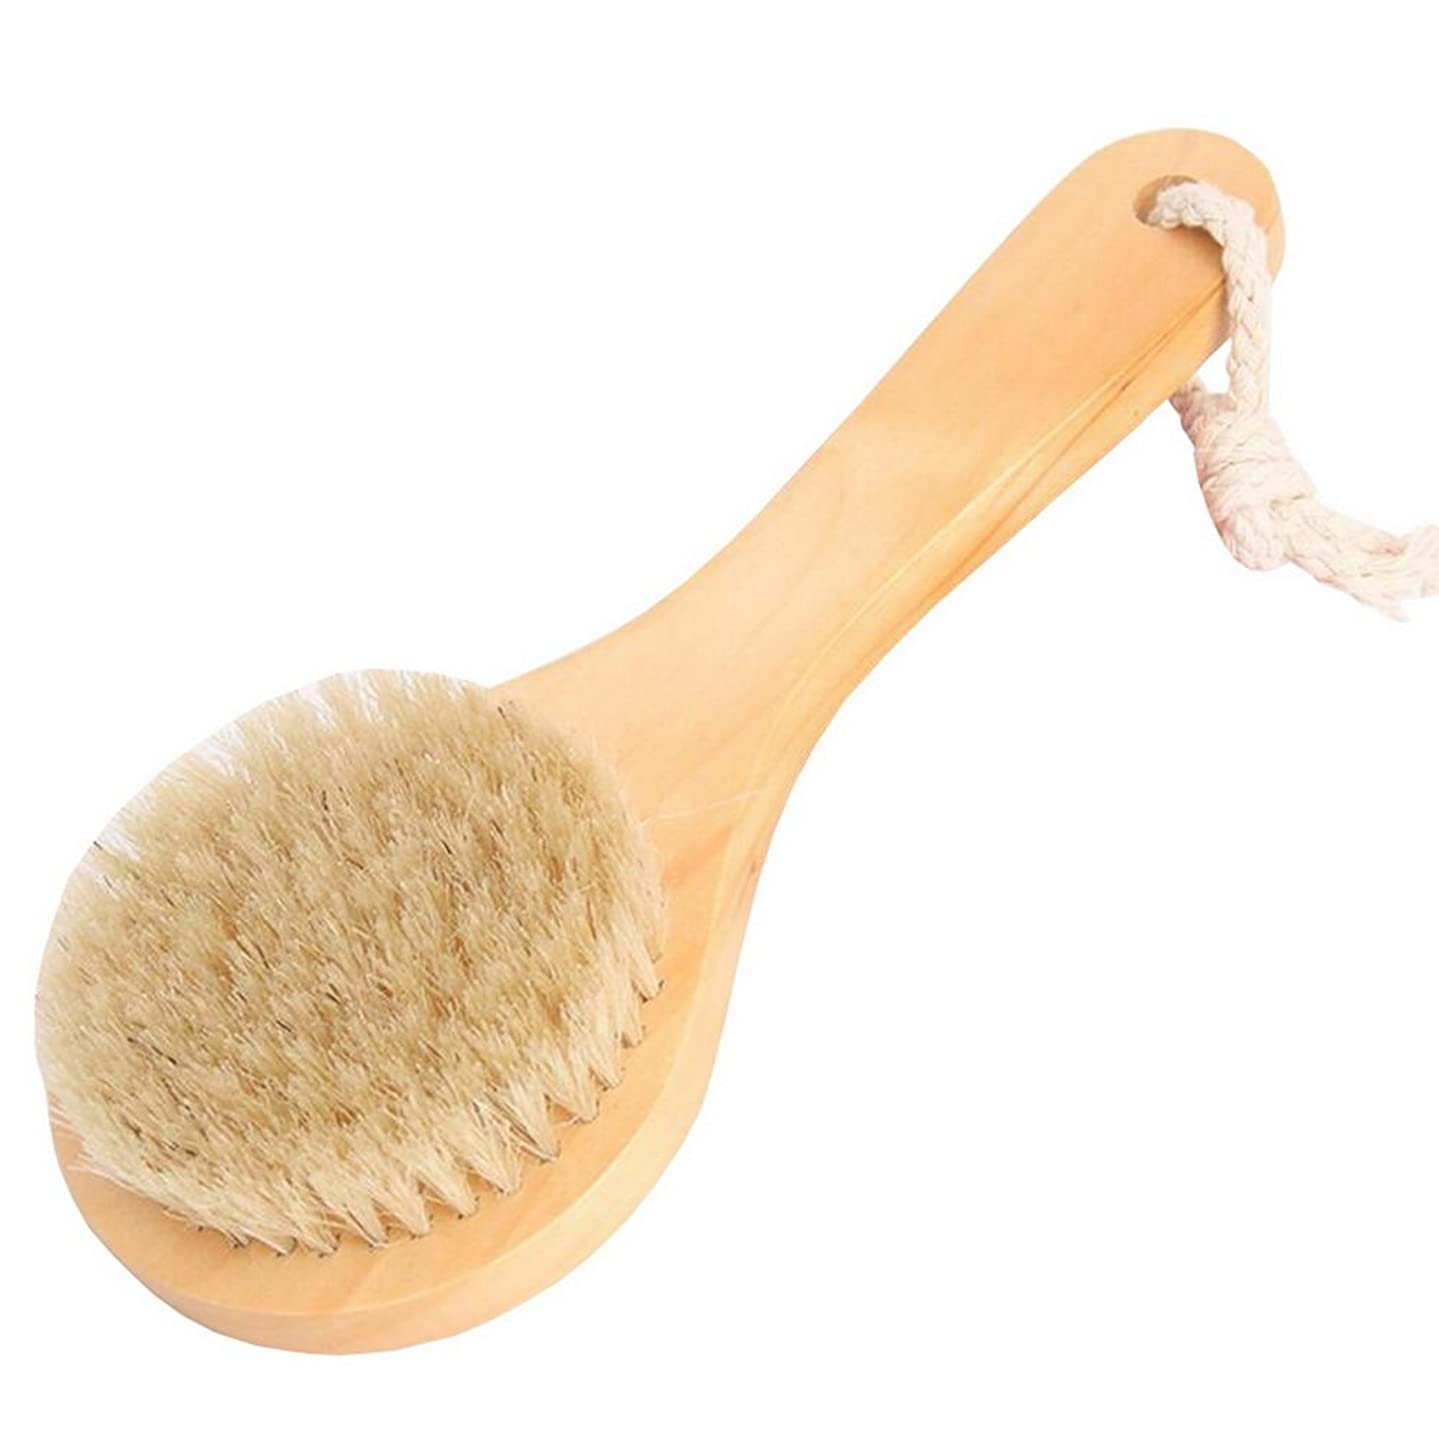 傷つきやすいオーストラリアアレルギーFoucome ボディブラシ ロング マッサージ 豚毛100% 長柄 角質除去 美肌効果 背中 最高品質 天然材 お風呂グッズ 毛穴洗浄 血行促進 イェロー S